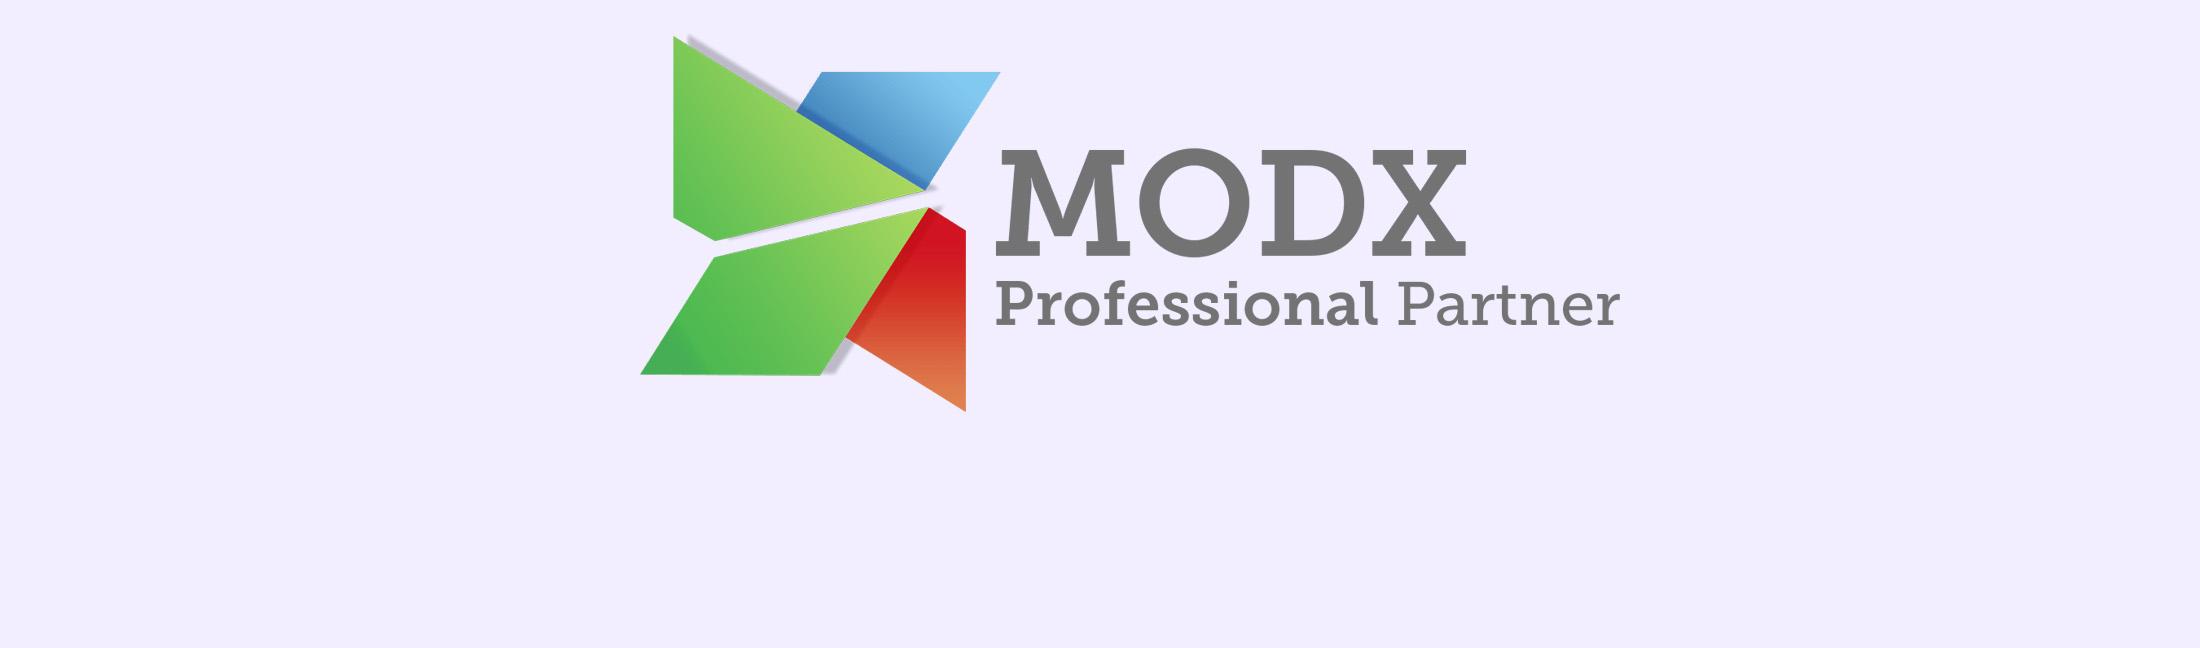 modx-icon-banner-123